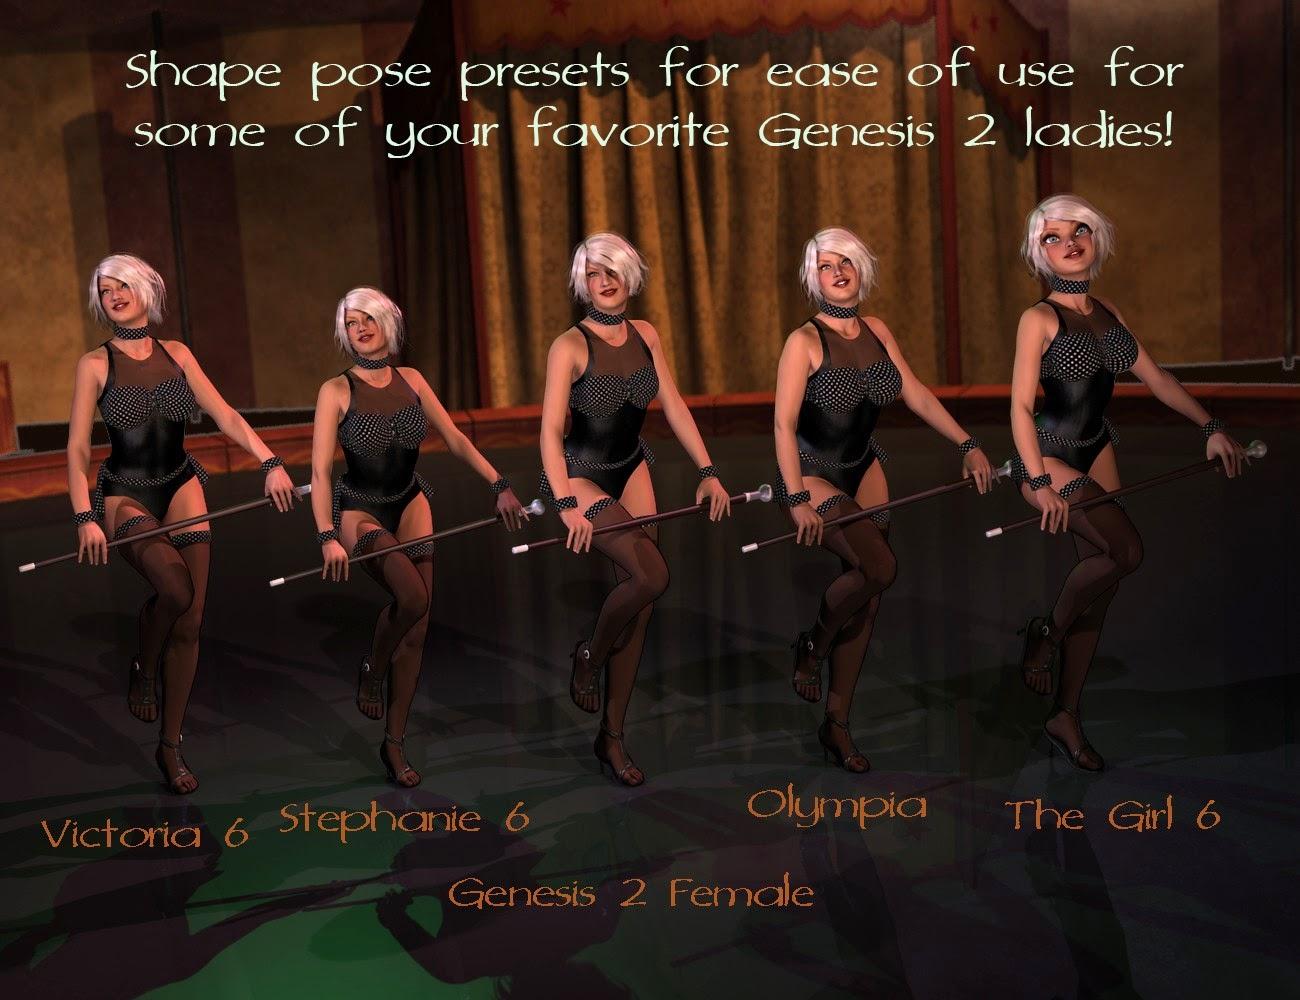 Poses de cabaret et accessoires pour Genèse 2 Femme